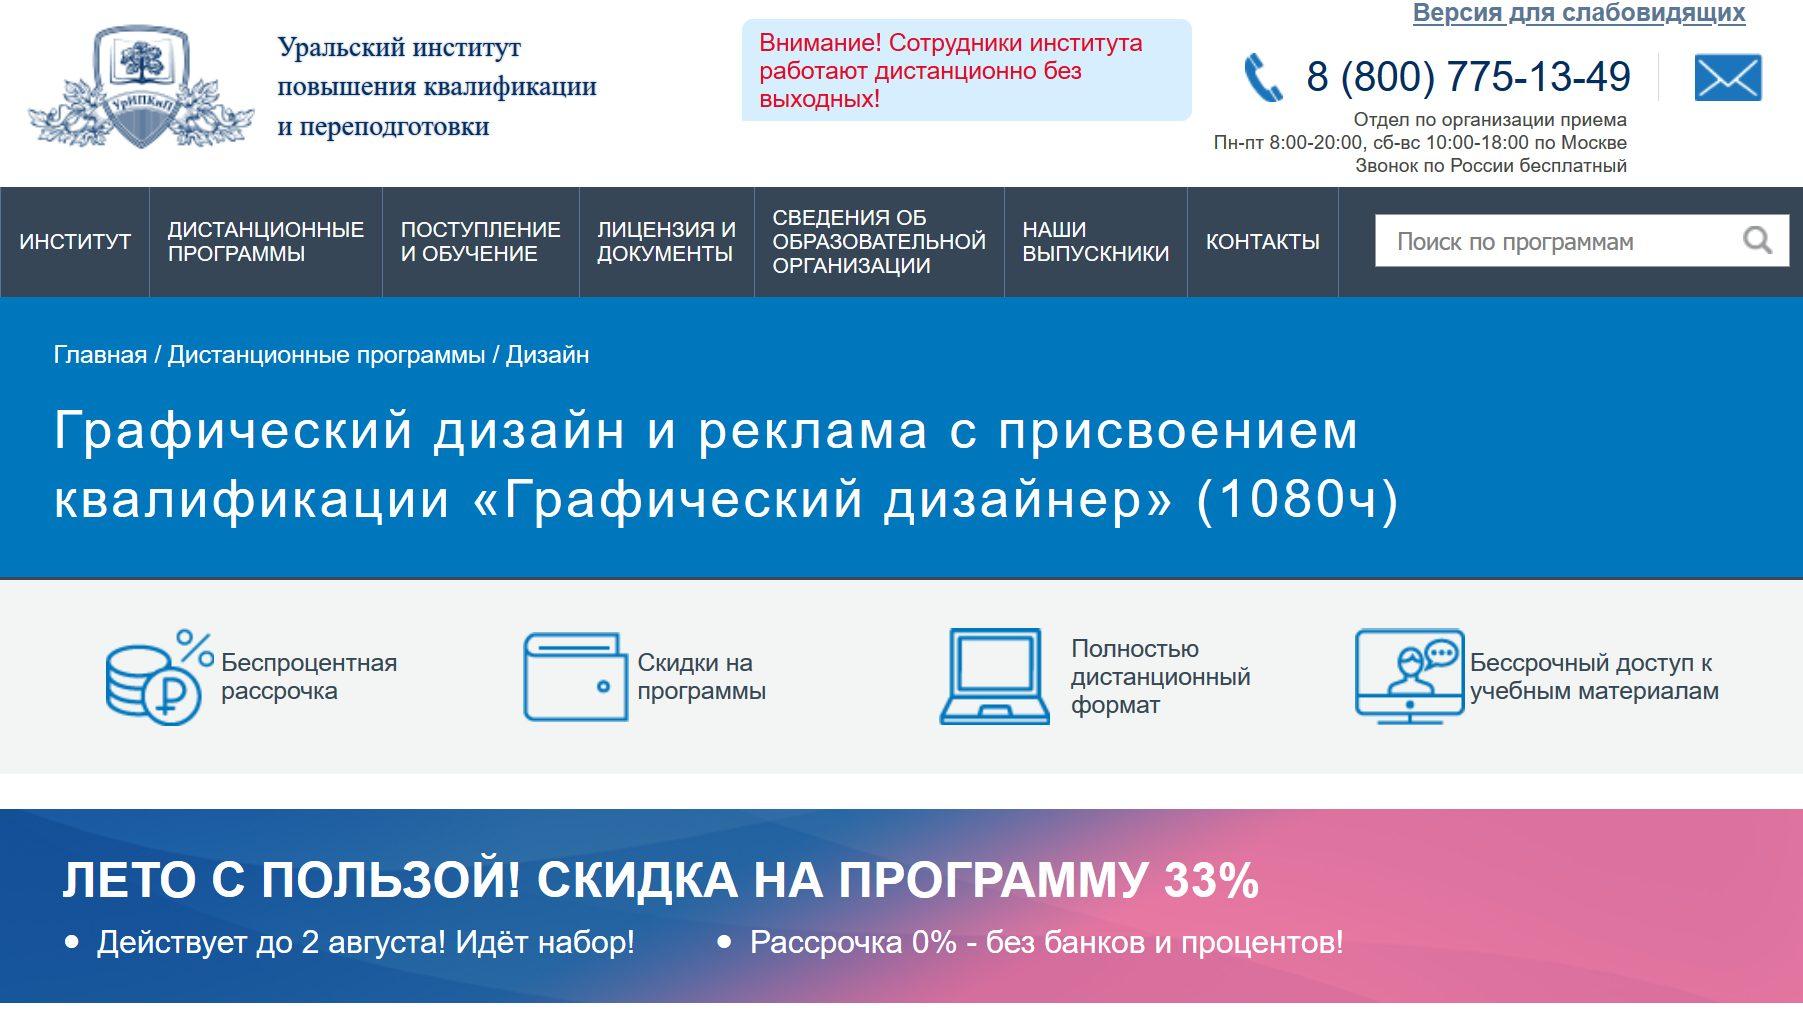 Курсы графического дизайна онлайн, дистанционное обучение по программе с присвоением квалификации «Дизайнер полиграфической и рекламной продукции» - АНО ДПО «УрИПКиП»